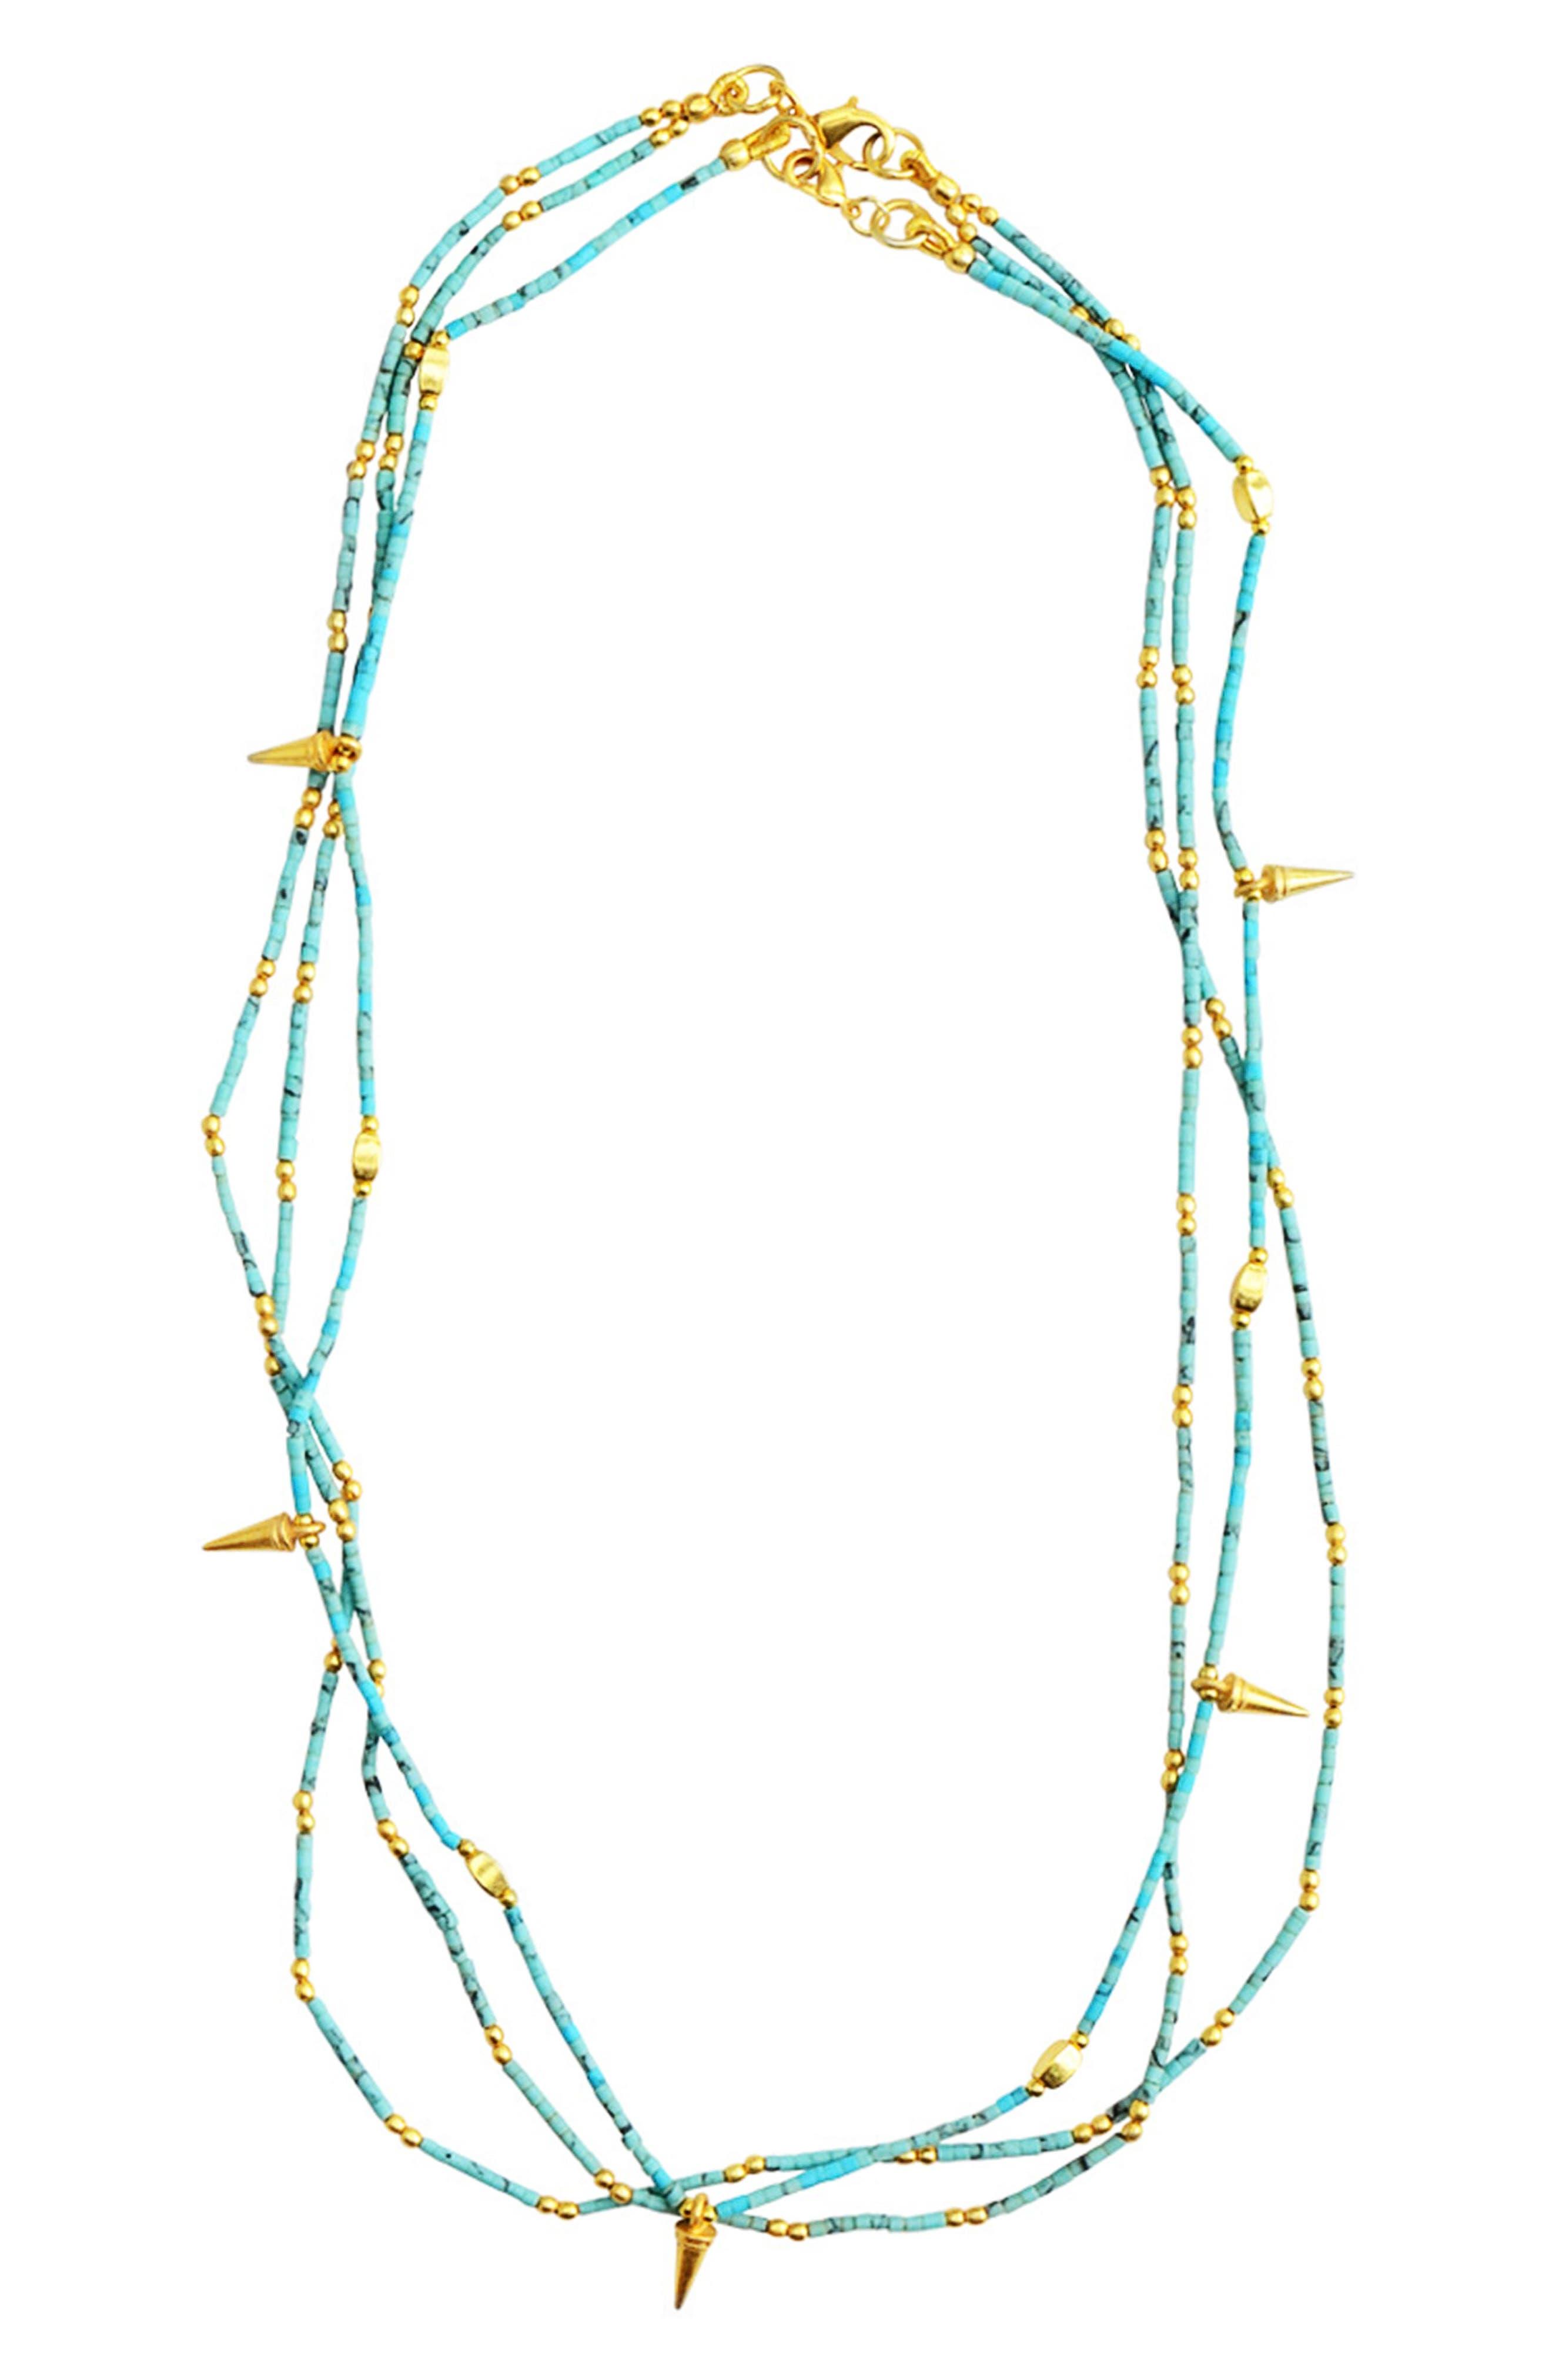 Fleur Set of 2 Necklaces,                             Main thumbnail 1, color,                             400